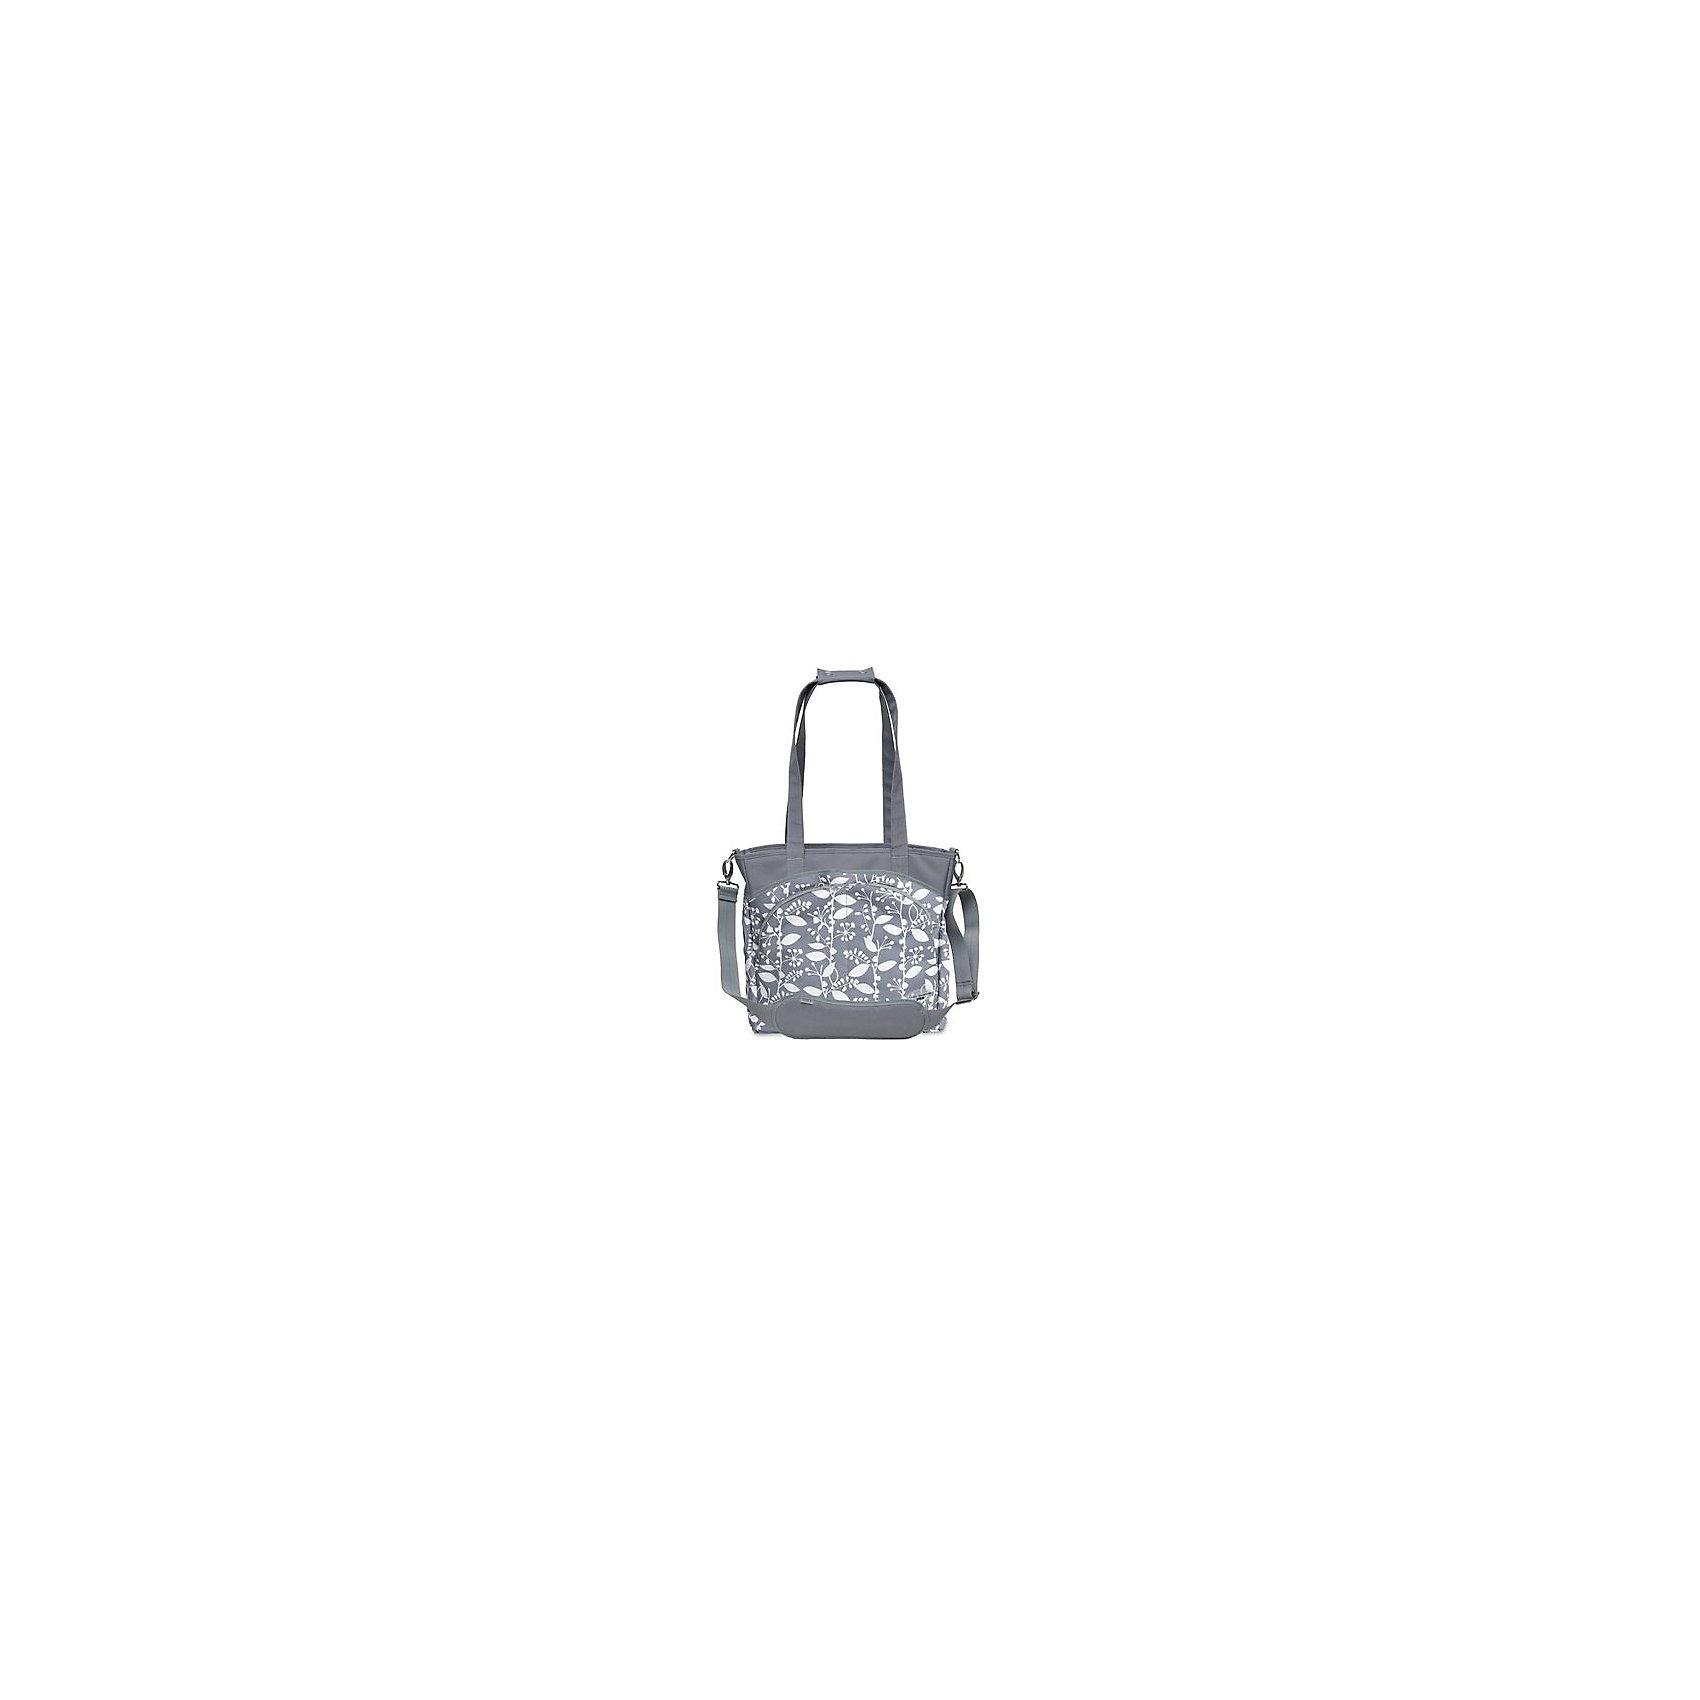 JJ COLE Сумка Mode,JJ Cole, серый с цветочным орнаментом где в коломне сумку женскую франческо маркони